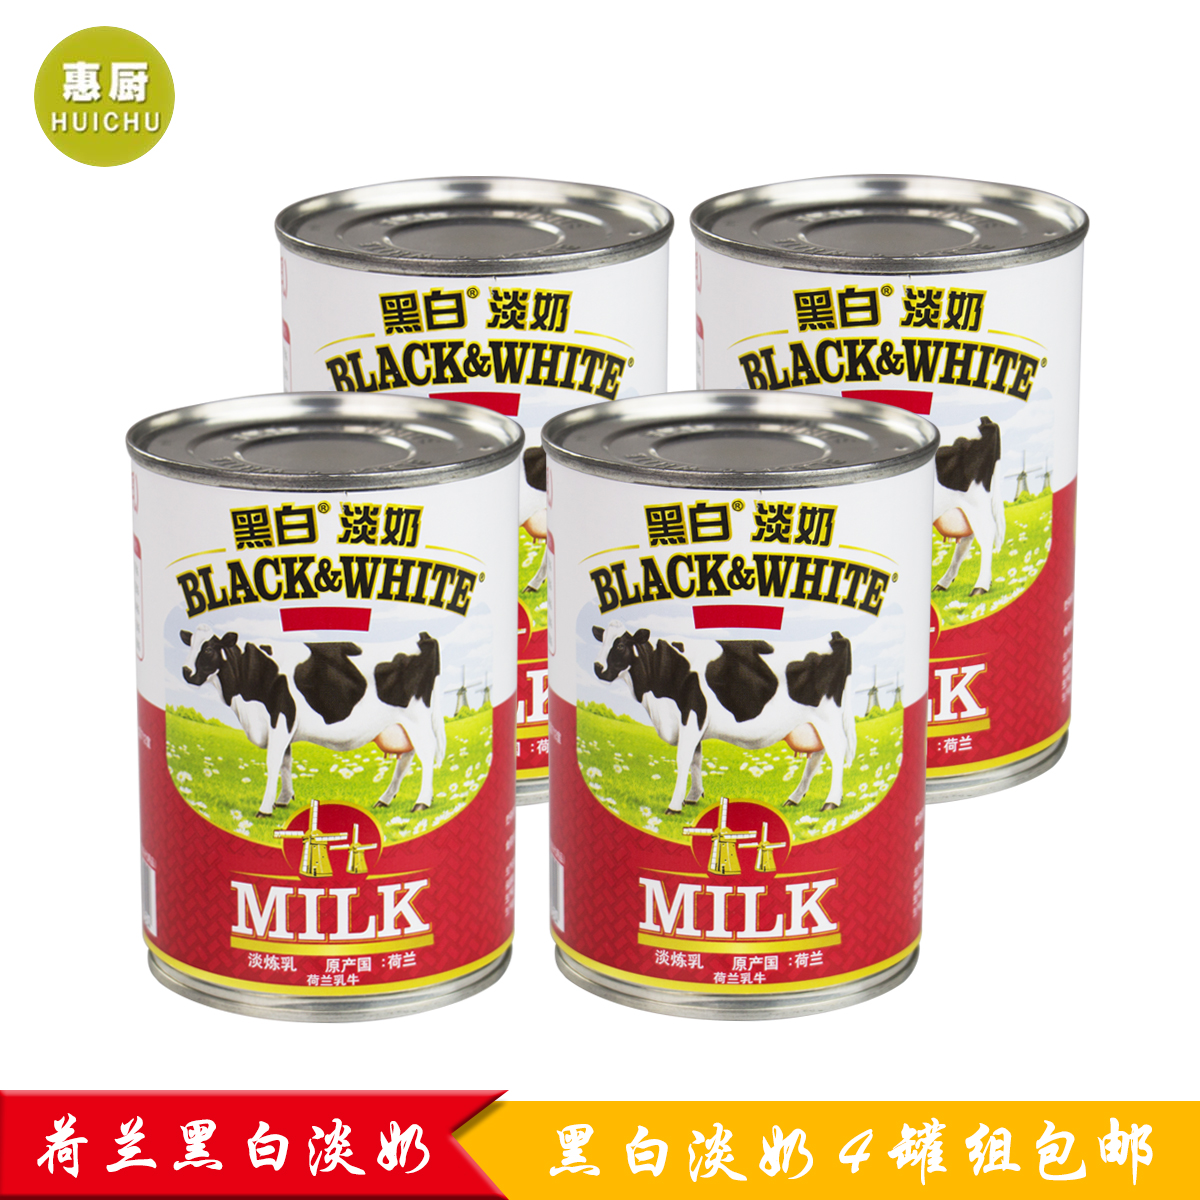 Черно-белое свет молоко 400g нидерланды черно-белое все смазка свет молочный шелк носок молочный чай сырье 4 бак бесплатная доставка